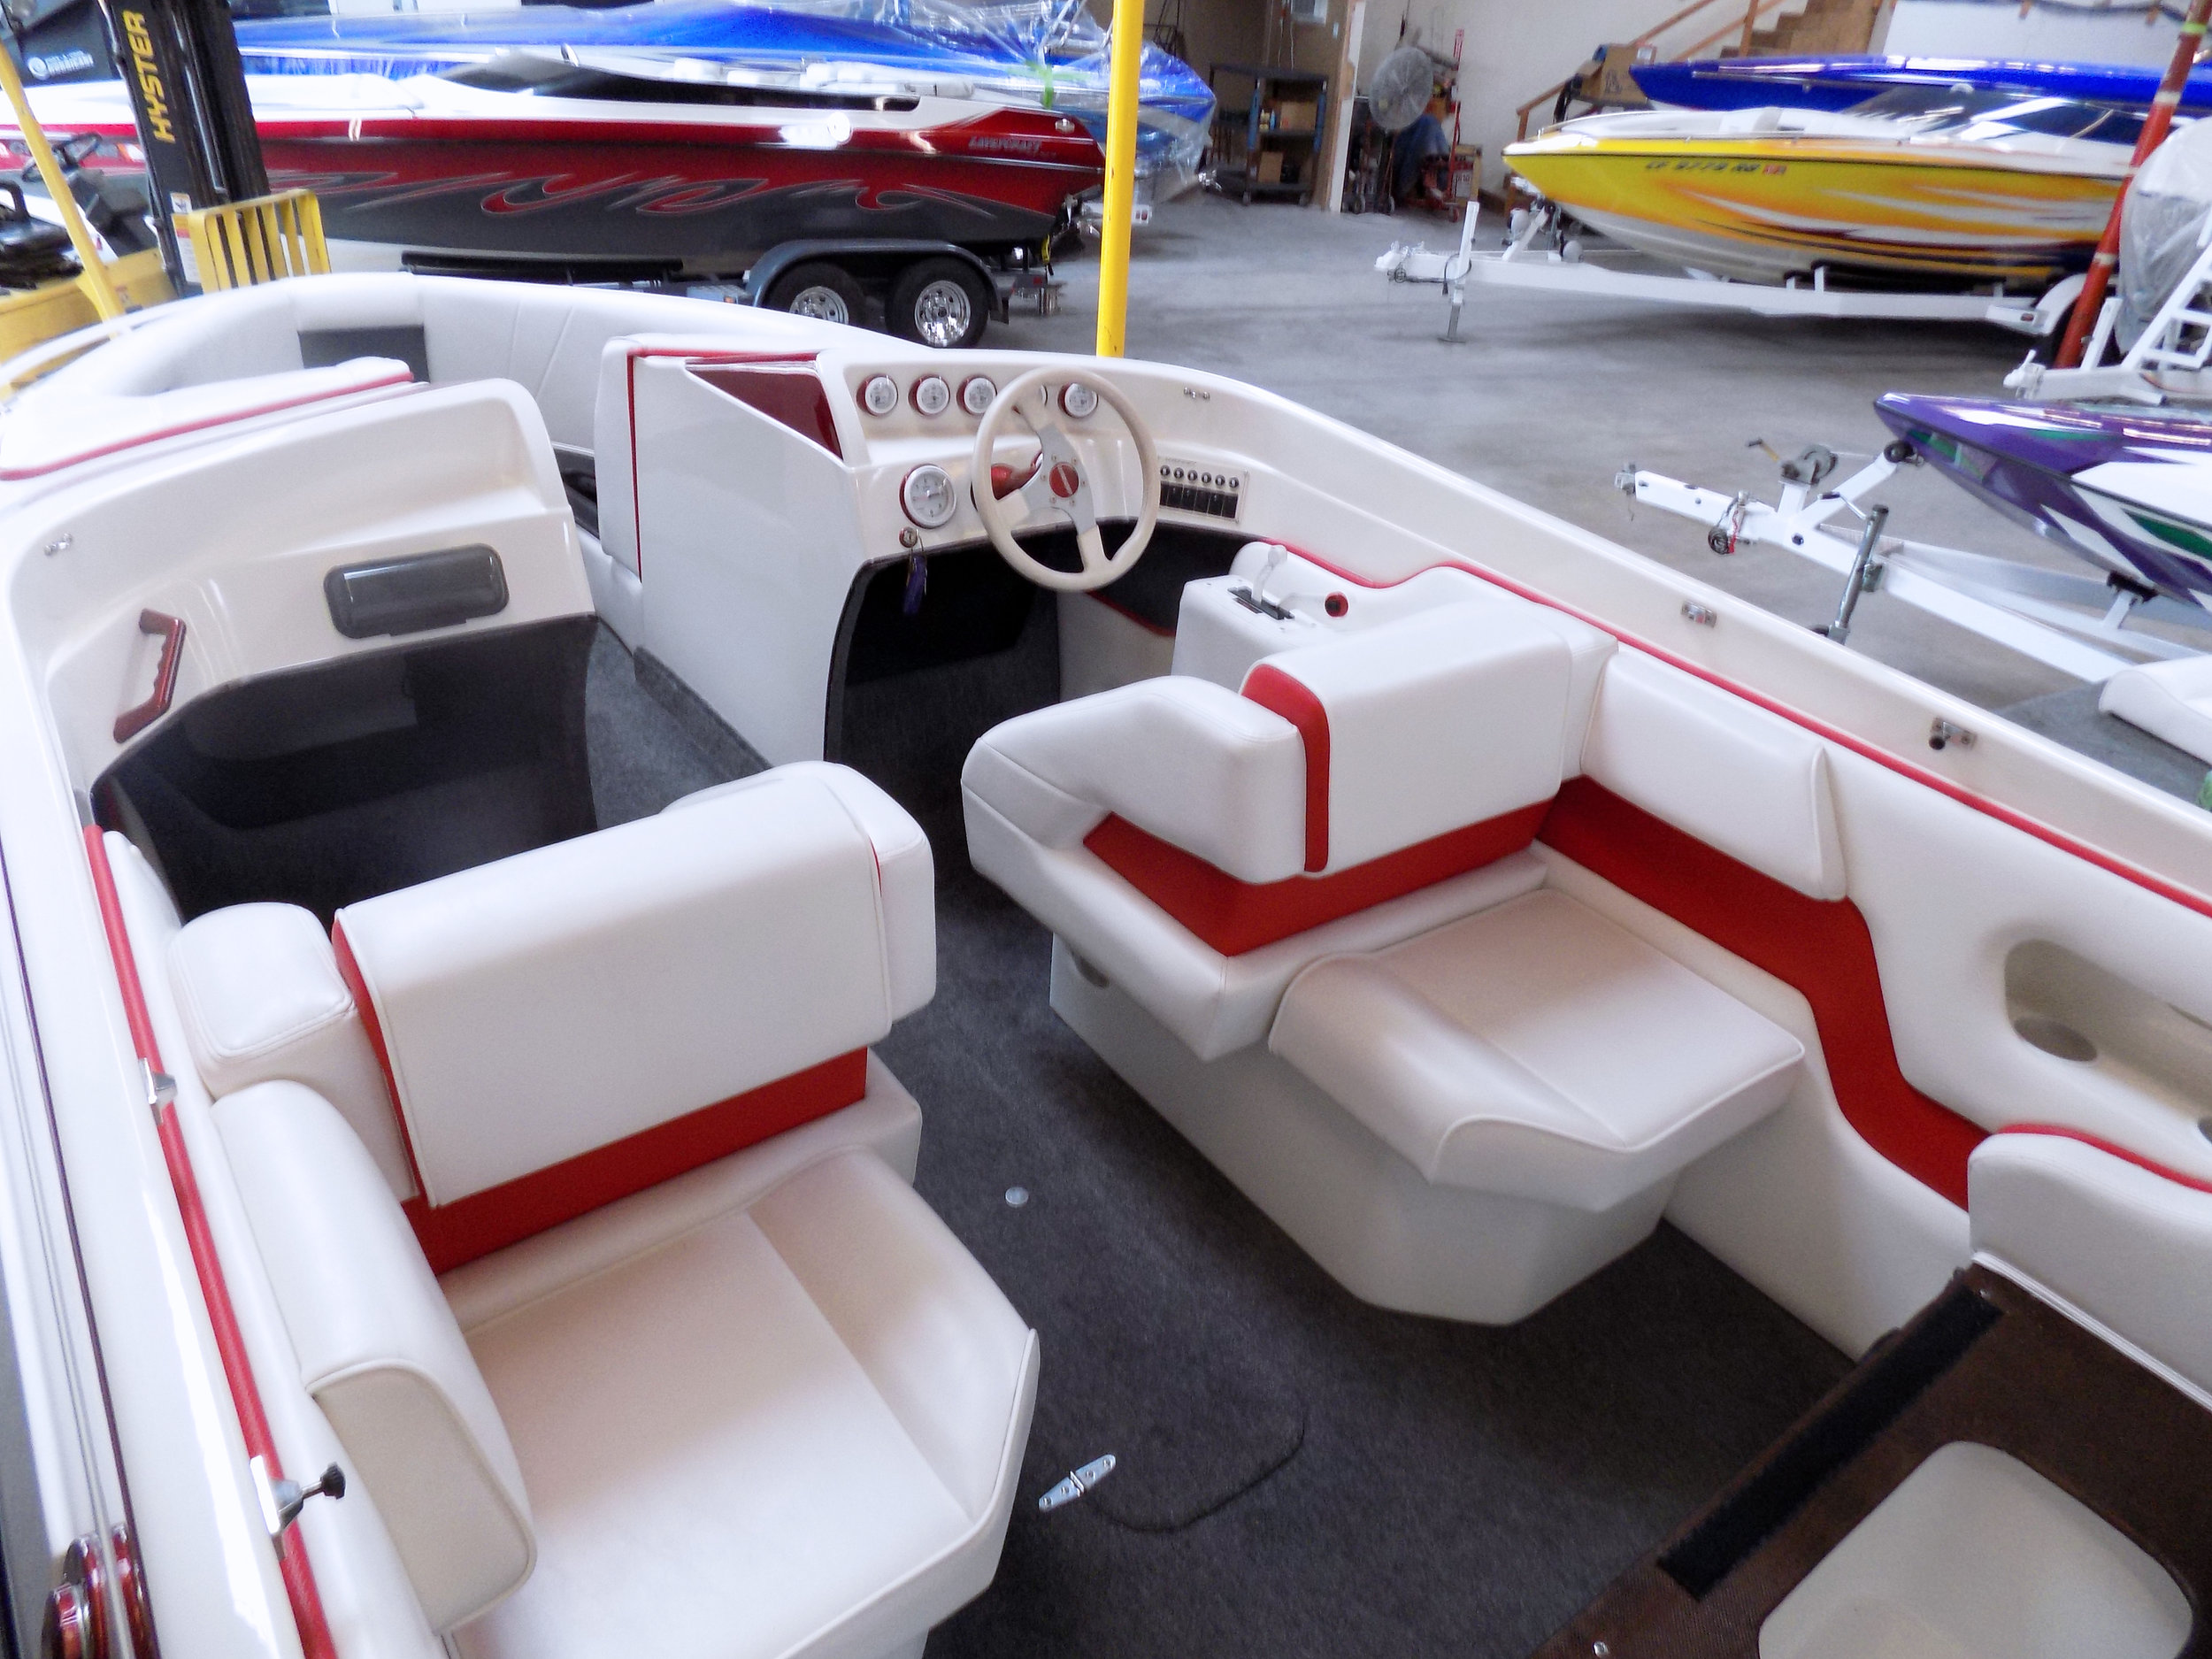 Lavey Craft restoration 21 XTSki - pic 1.jpg